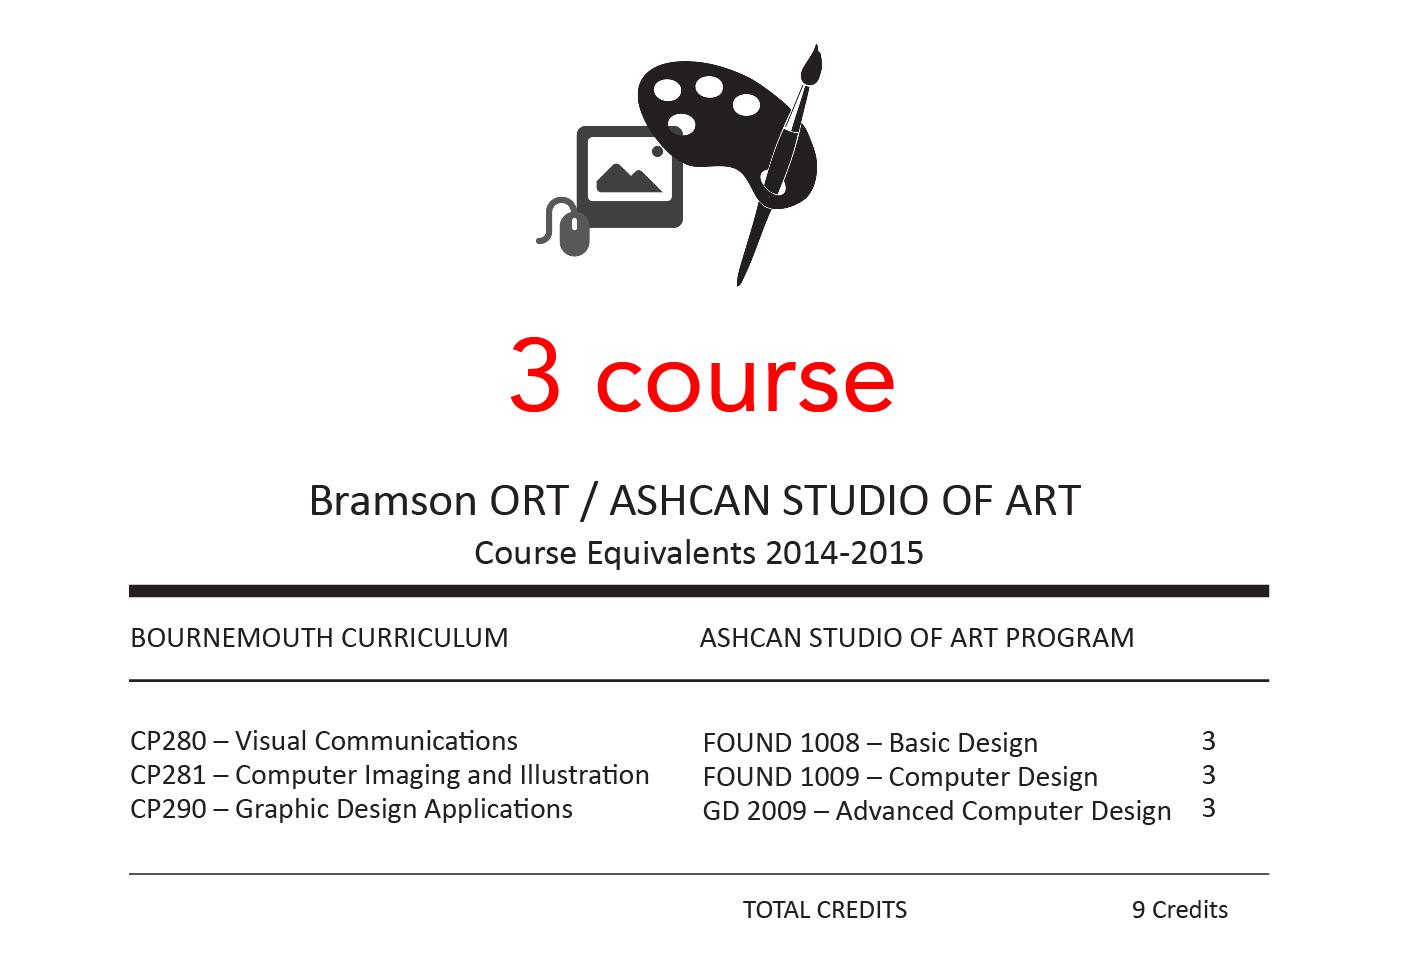 ashcan-art-bramson-portfolio-1205-eng-09